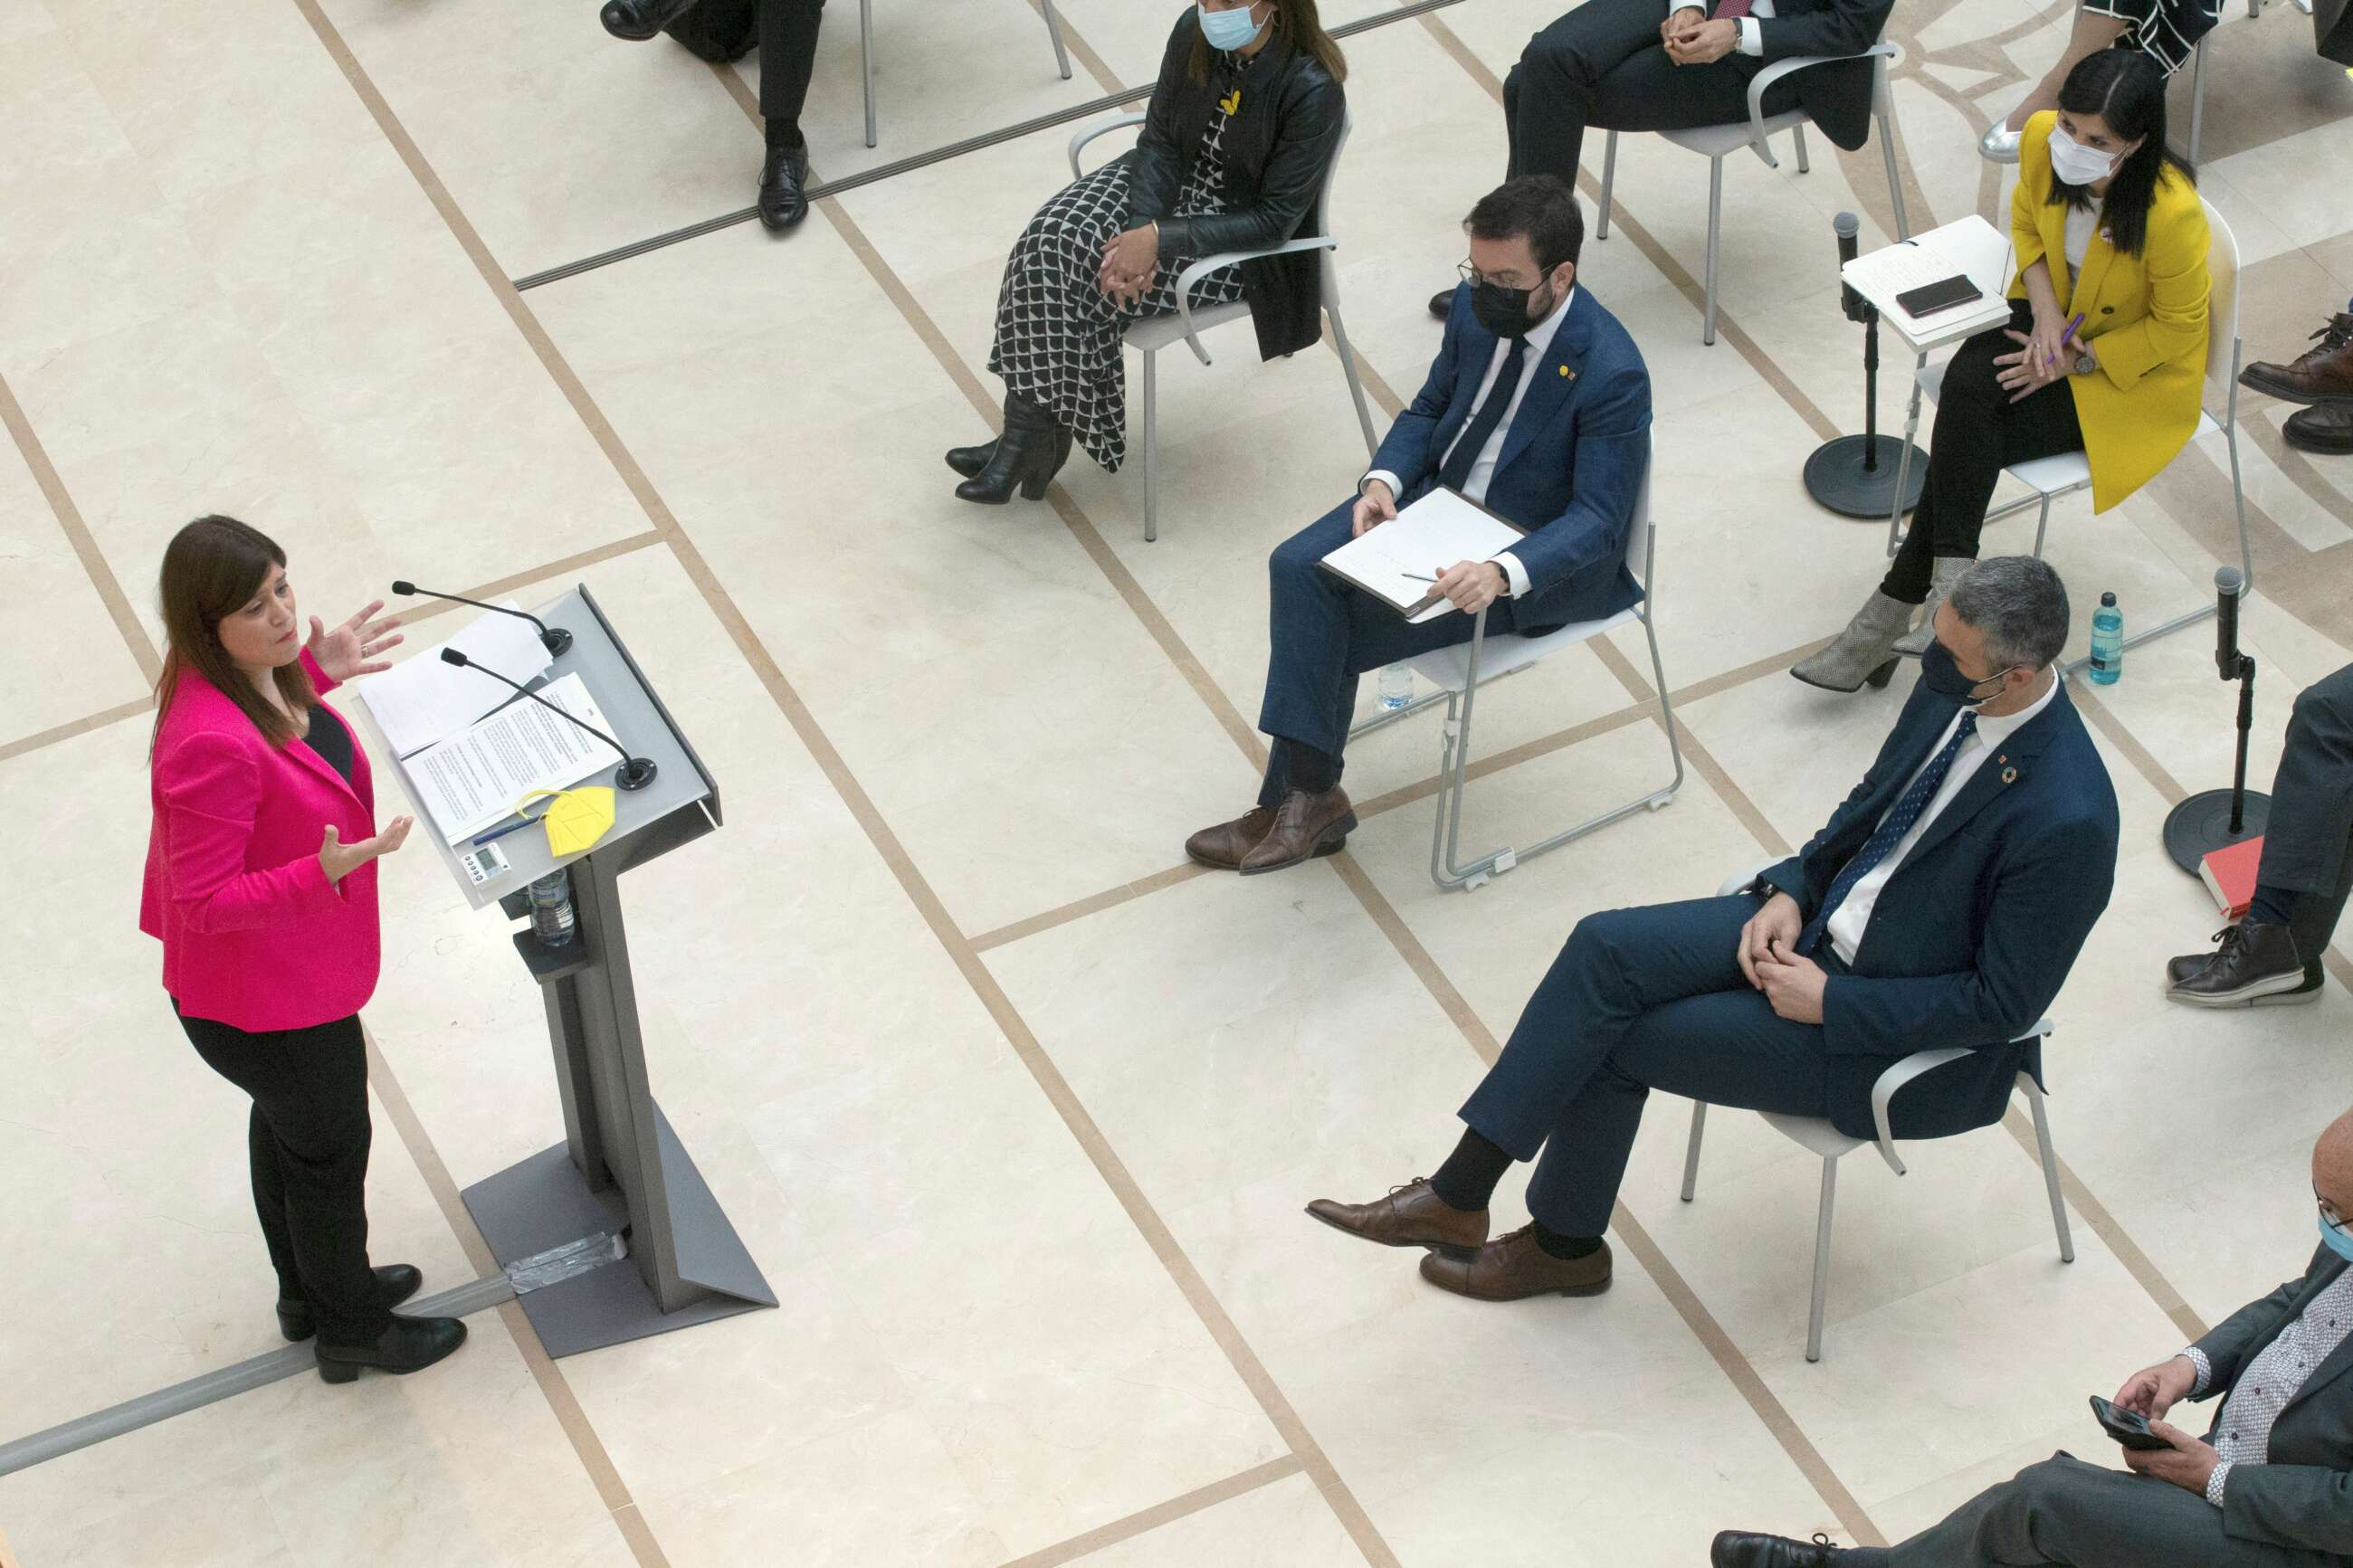 La diputada de JxCat Gemma Geis durante su intervención en la segunda sesión del debate de investidura del candidato de ERC a la presidencia de la Generalitat, Pere Aragonès, que se celebra este martes en el Auditori del Parlament, tras fracasar el pasado viernes su primer intento debido a la abstención de JxCat. EFE/Enric Fontcuberta POOL